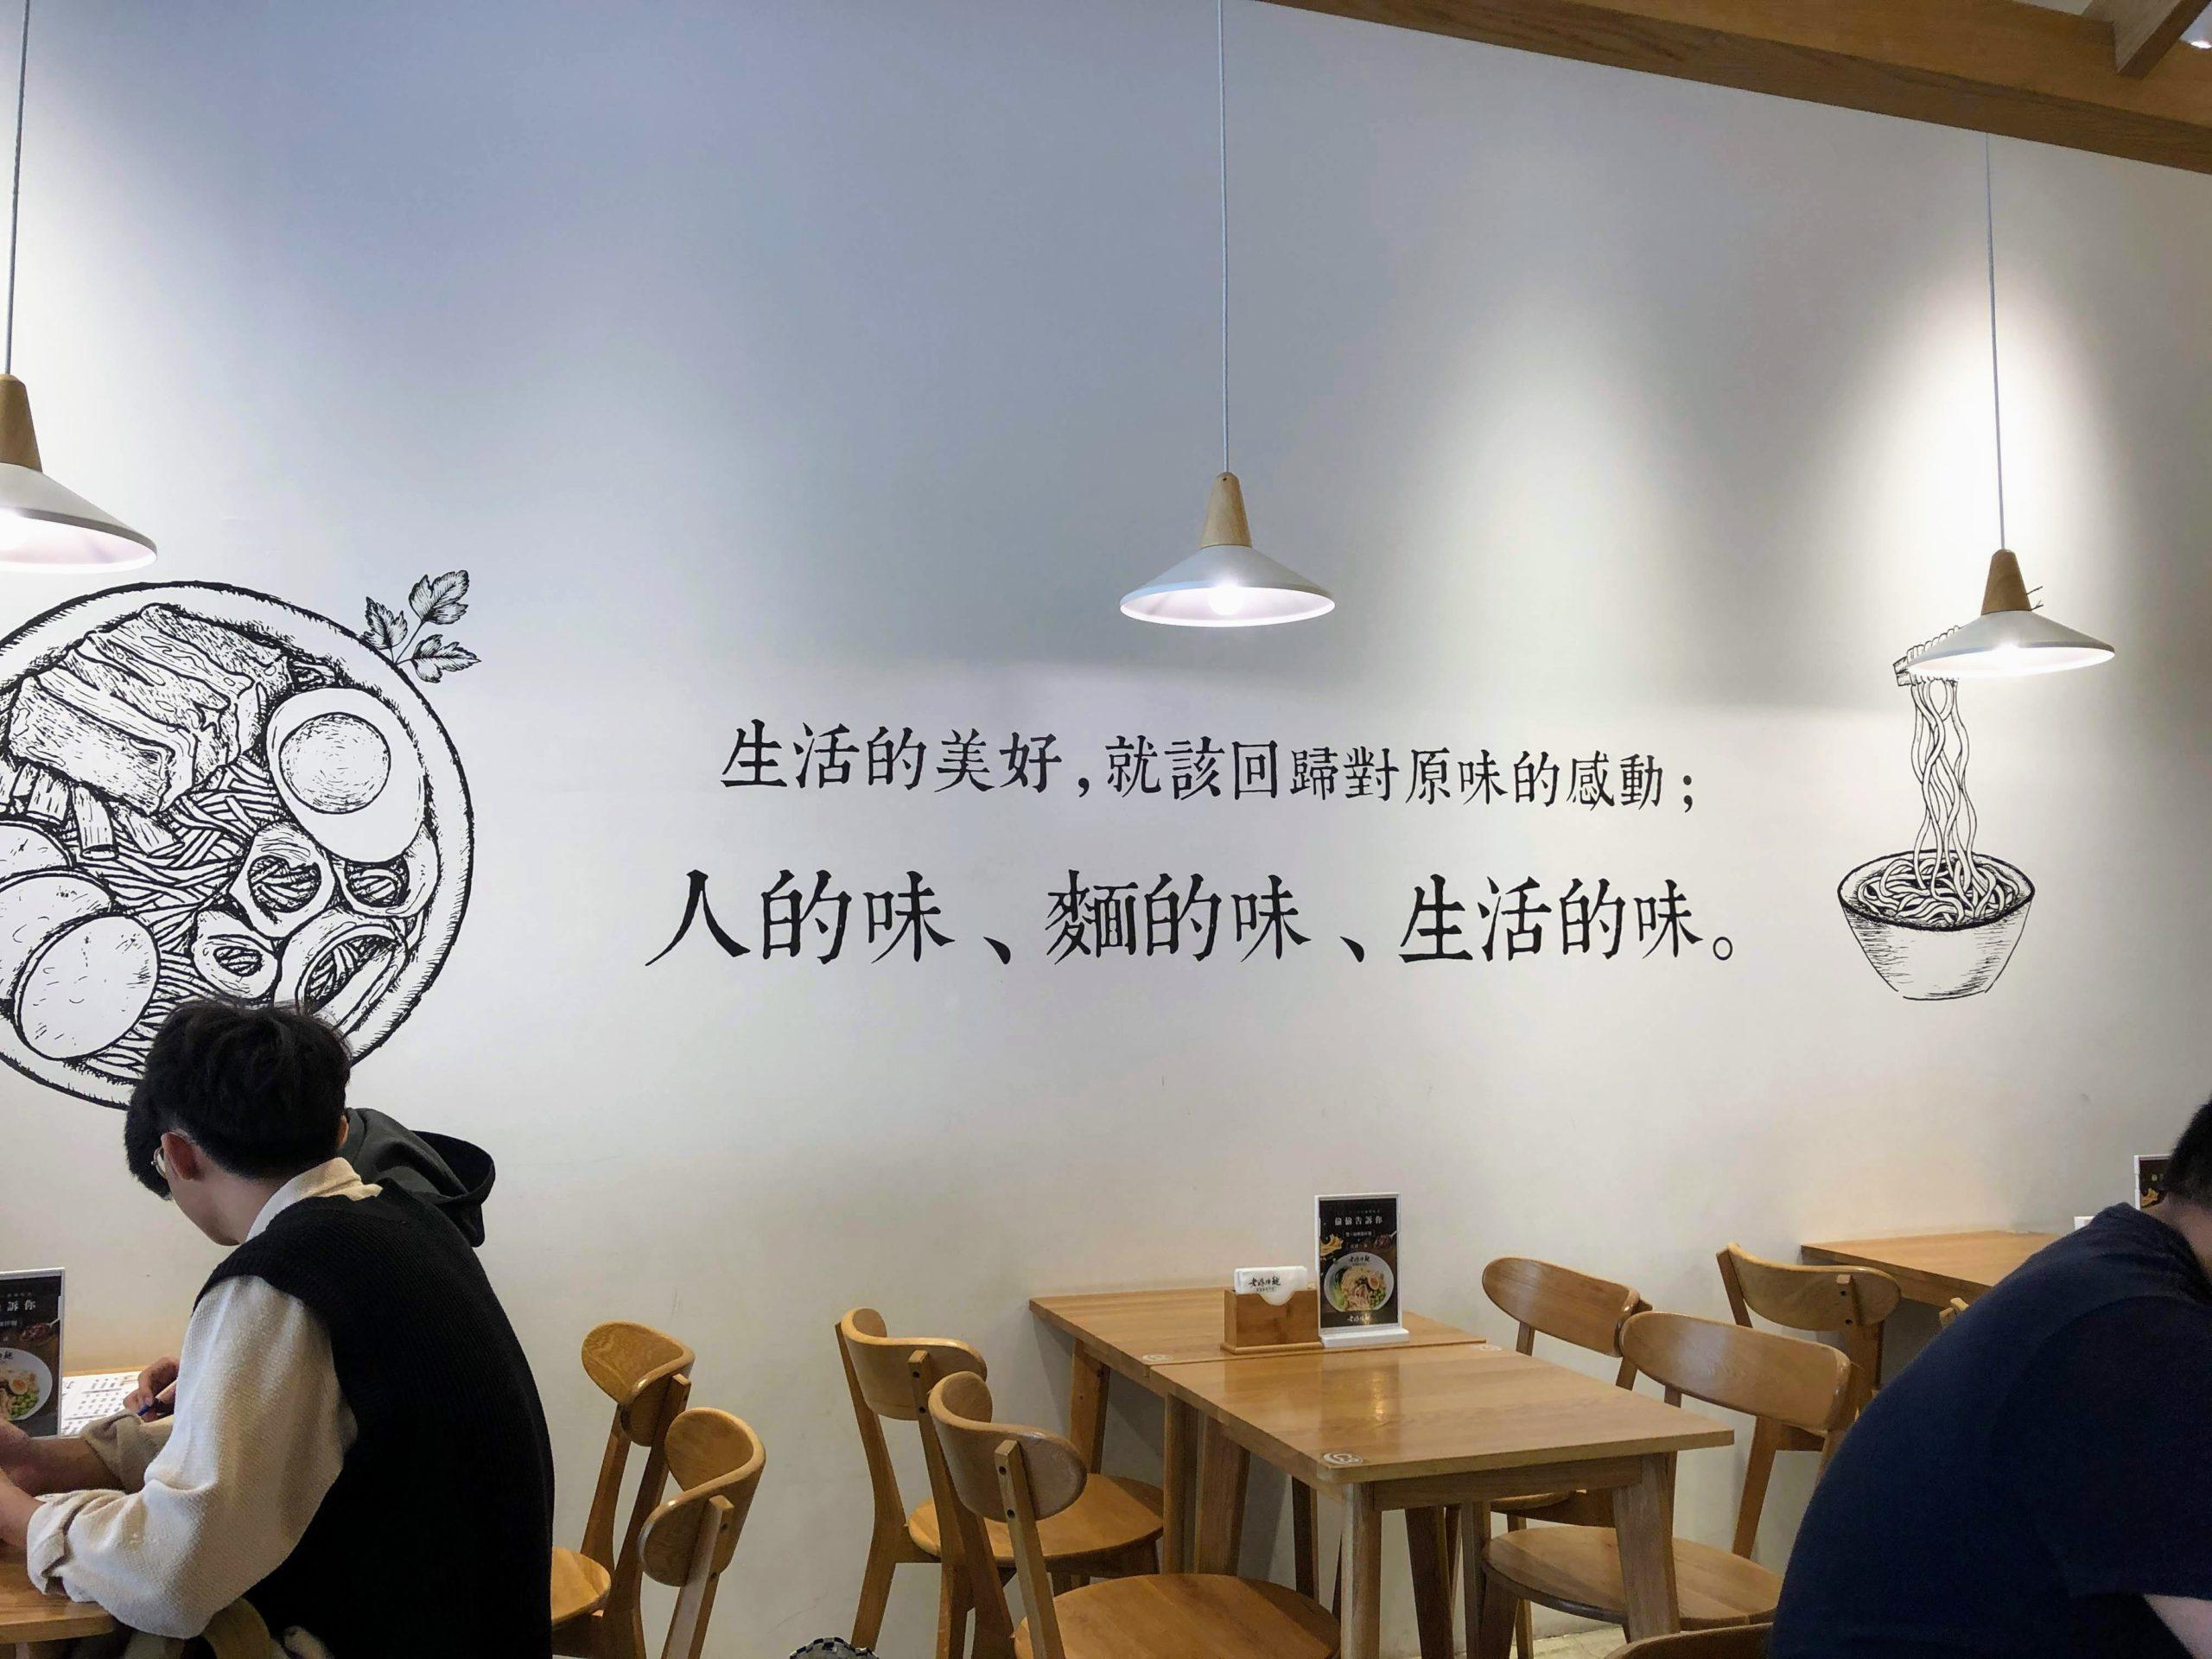 老媽拌麺関廟麺専門店の壁画